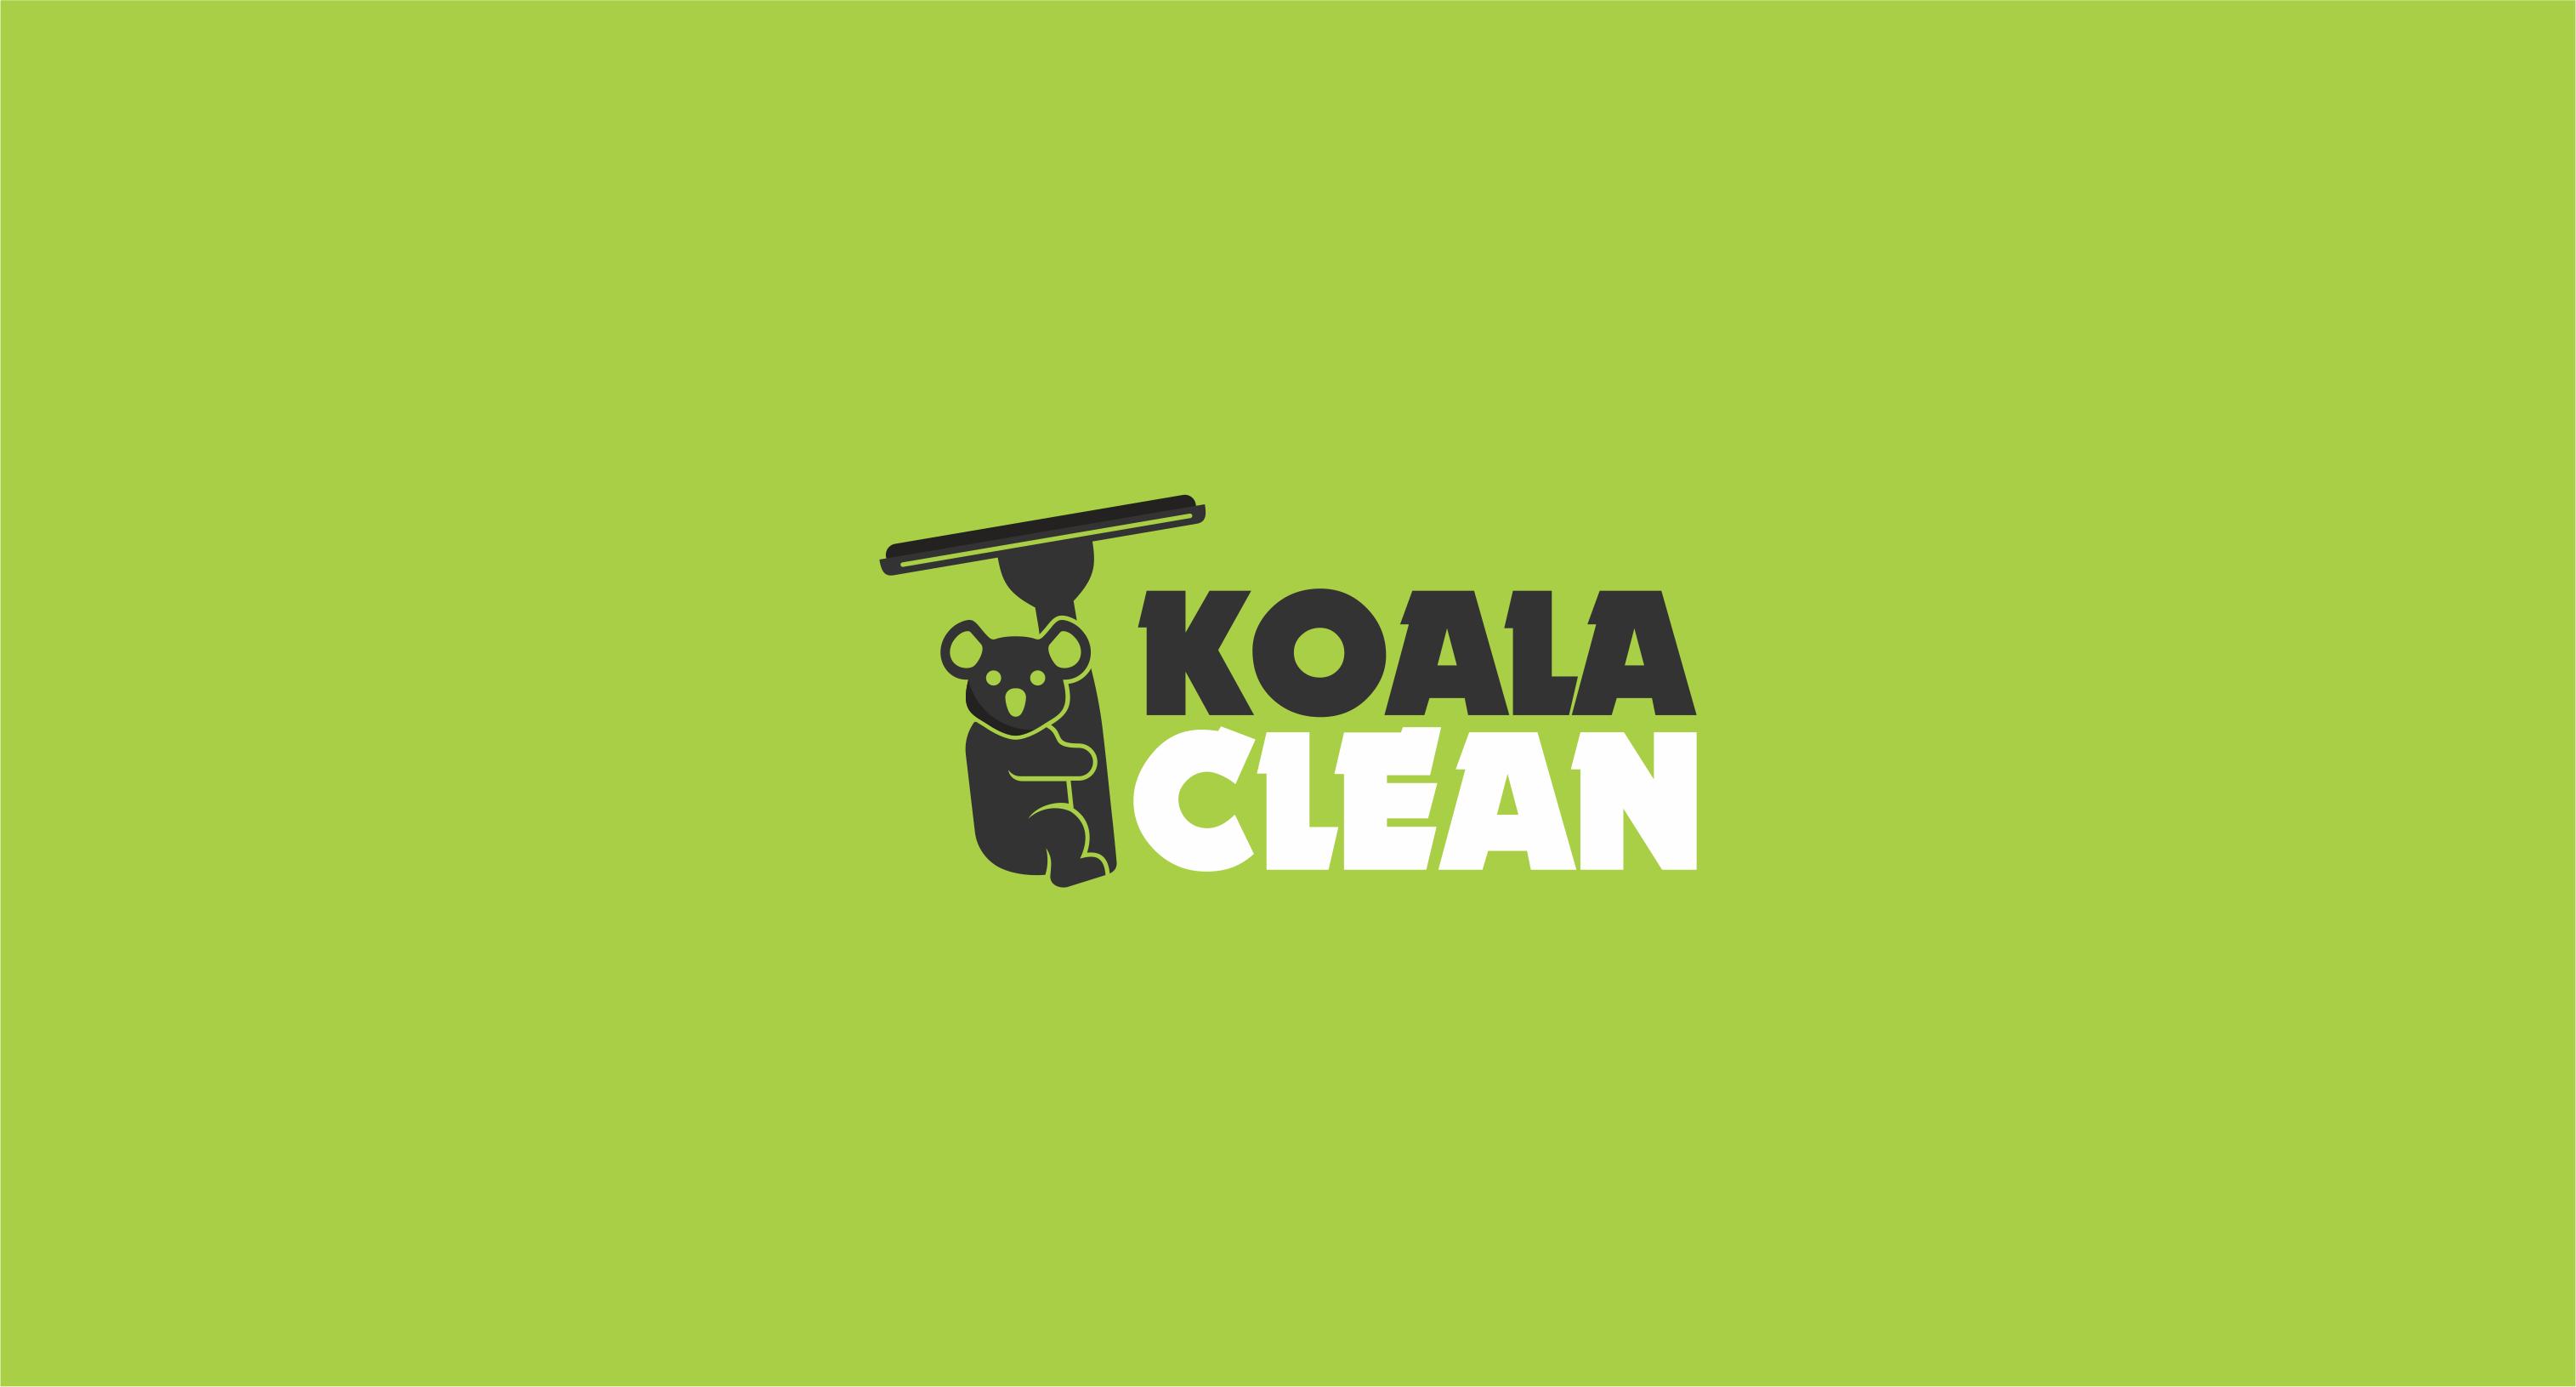 jakeapps3_koala_clean_png_1